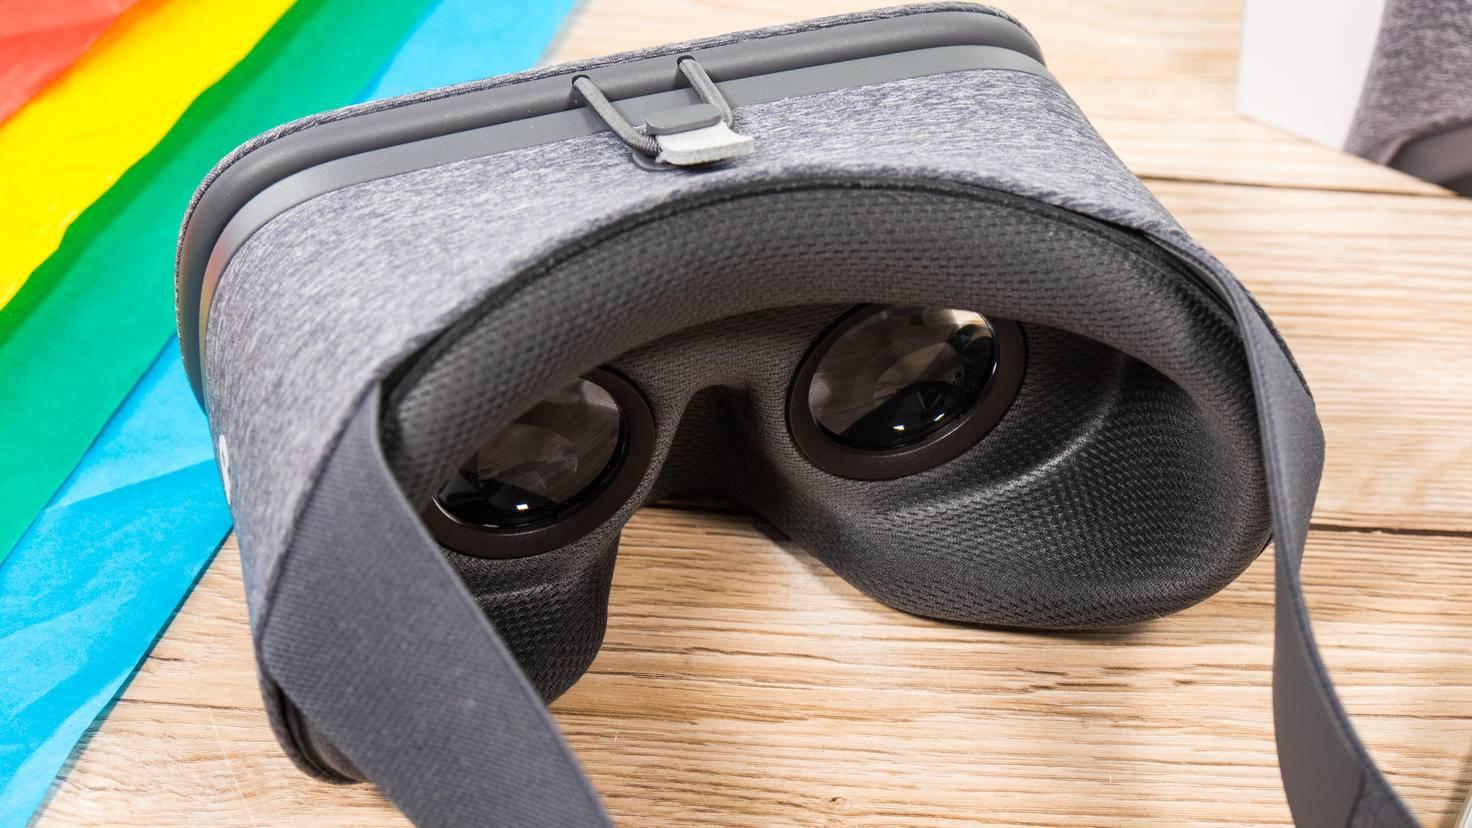 Beste Billige Vr Brille : Daydream view im test die beste vr brille für smartphones